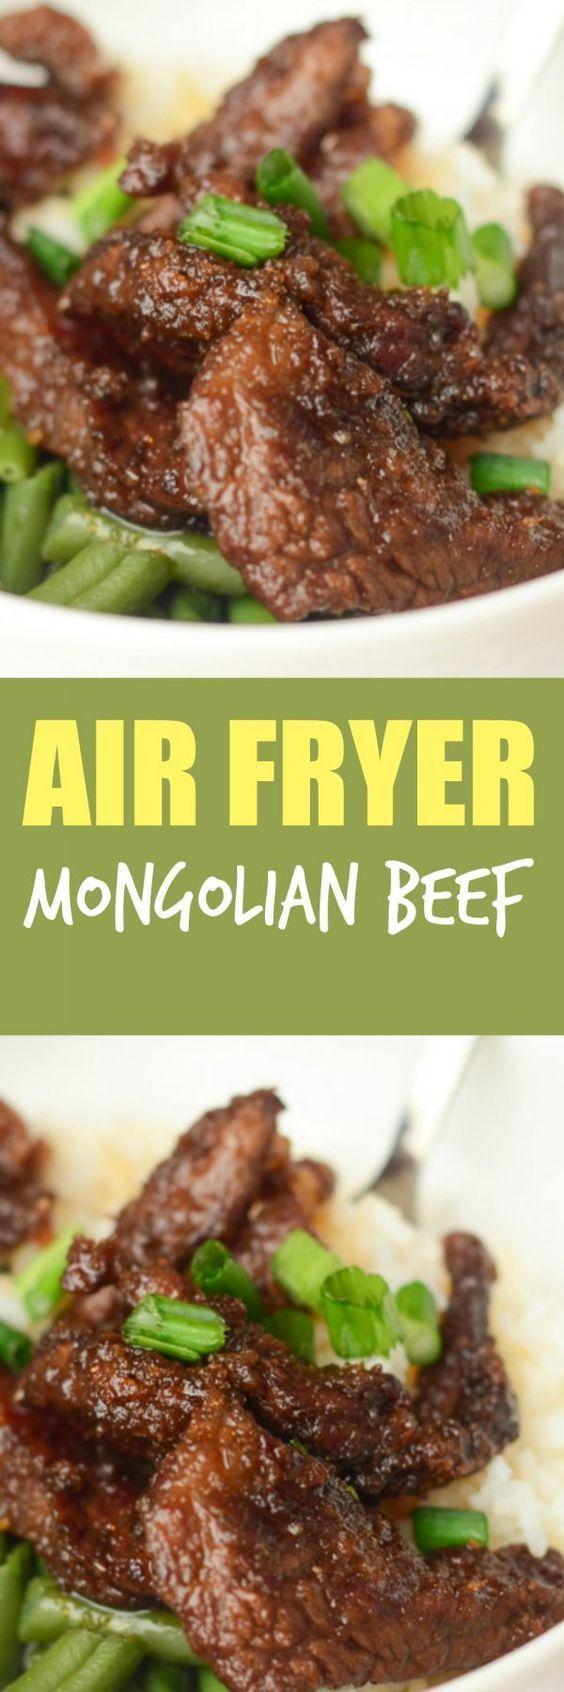 Air Fryer Mongolian Beef Recipe Air Fryer Recipes Healthy Air Frier Recipes Air Fryer Oven Recipes